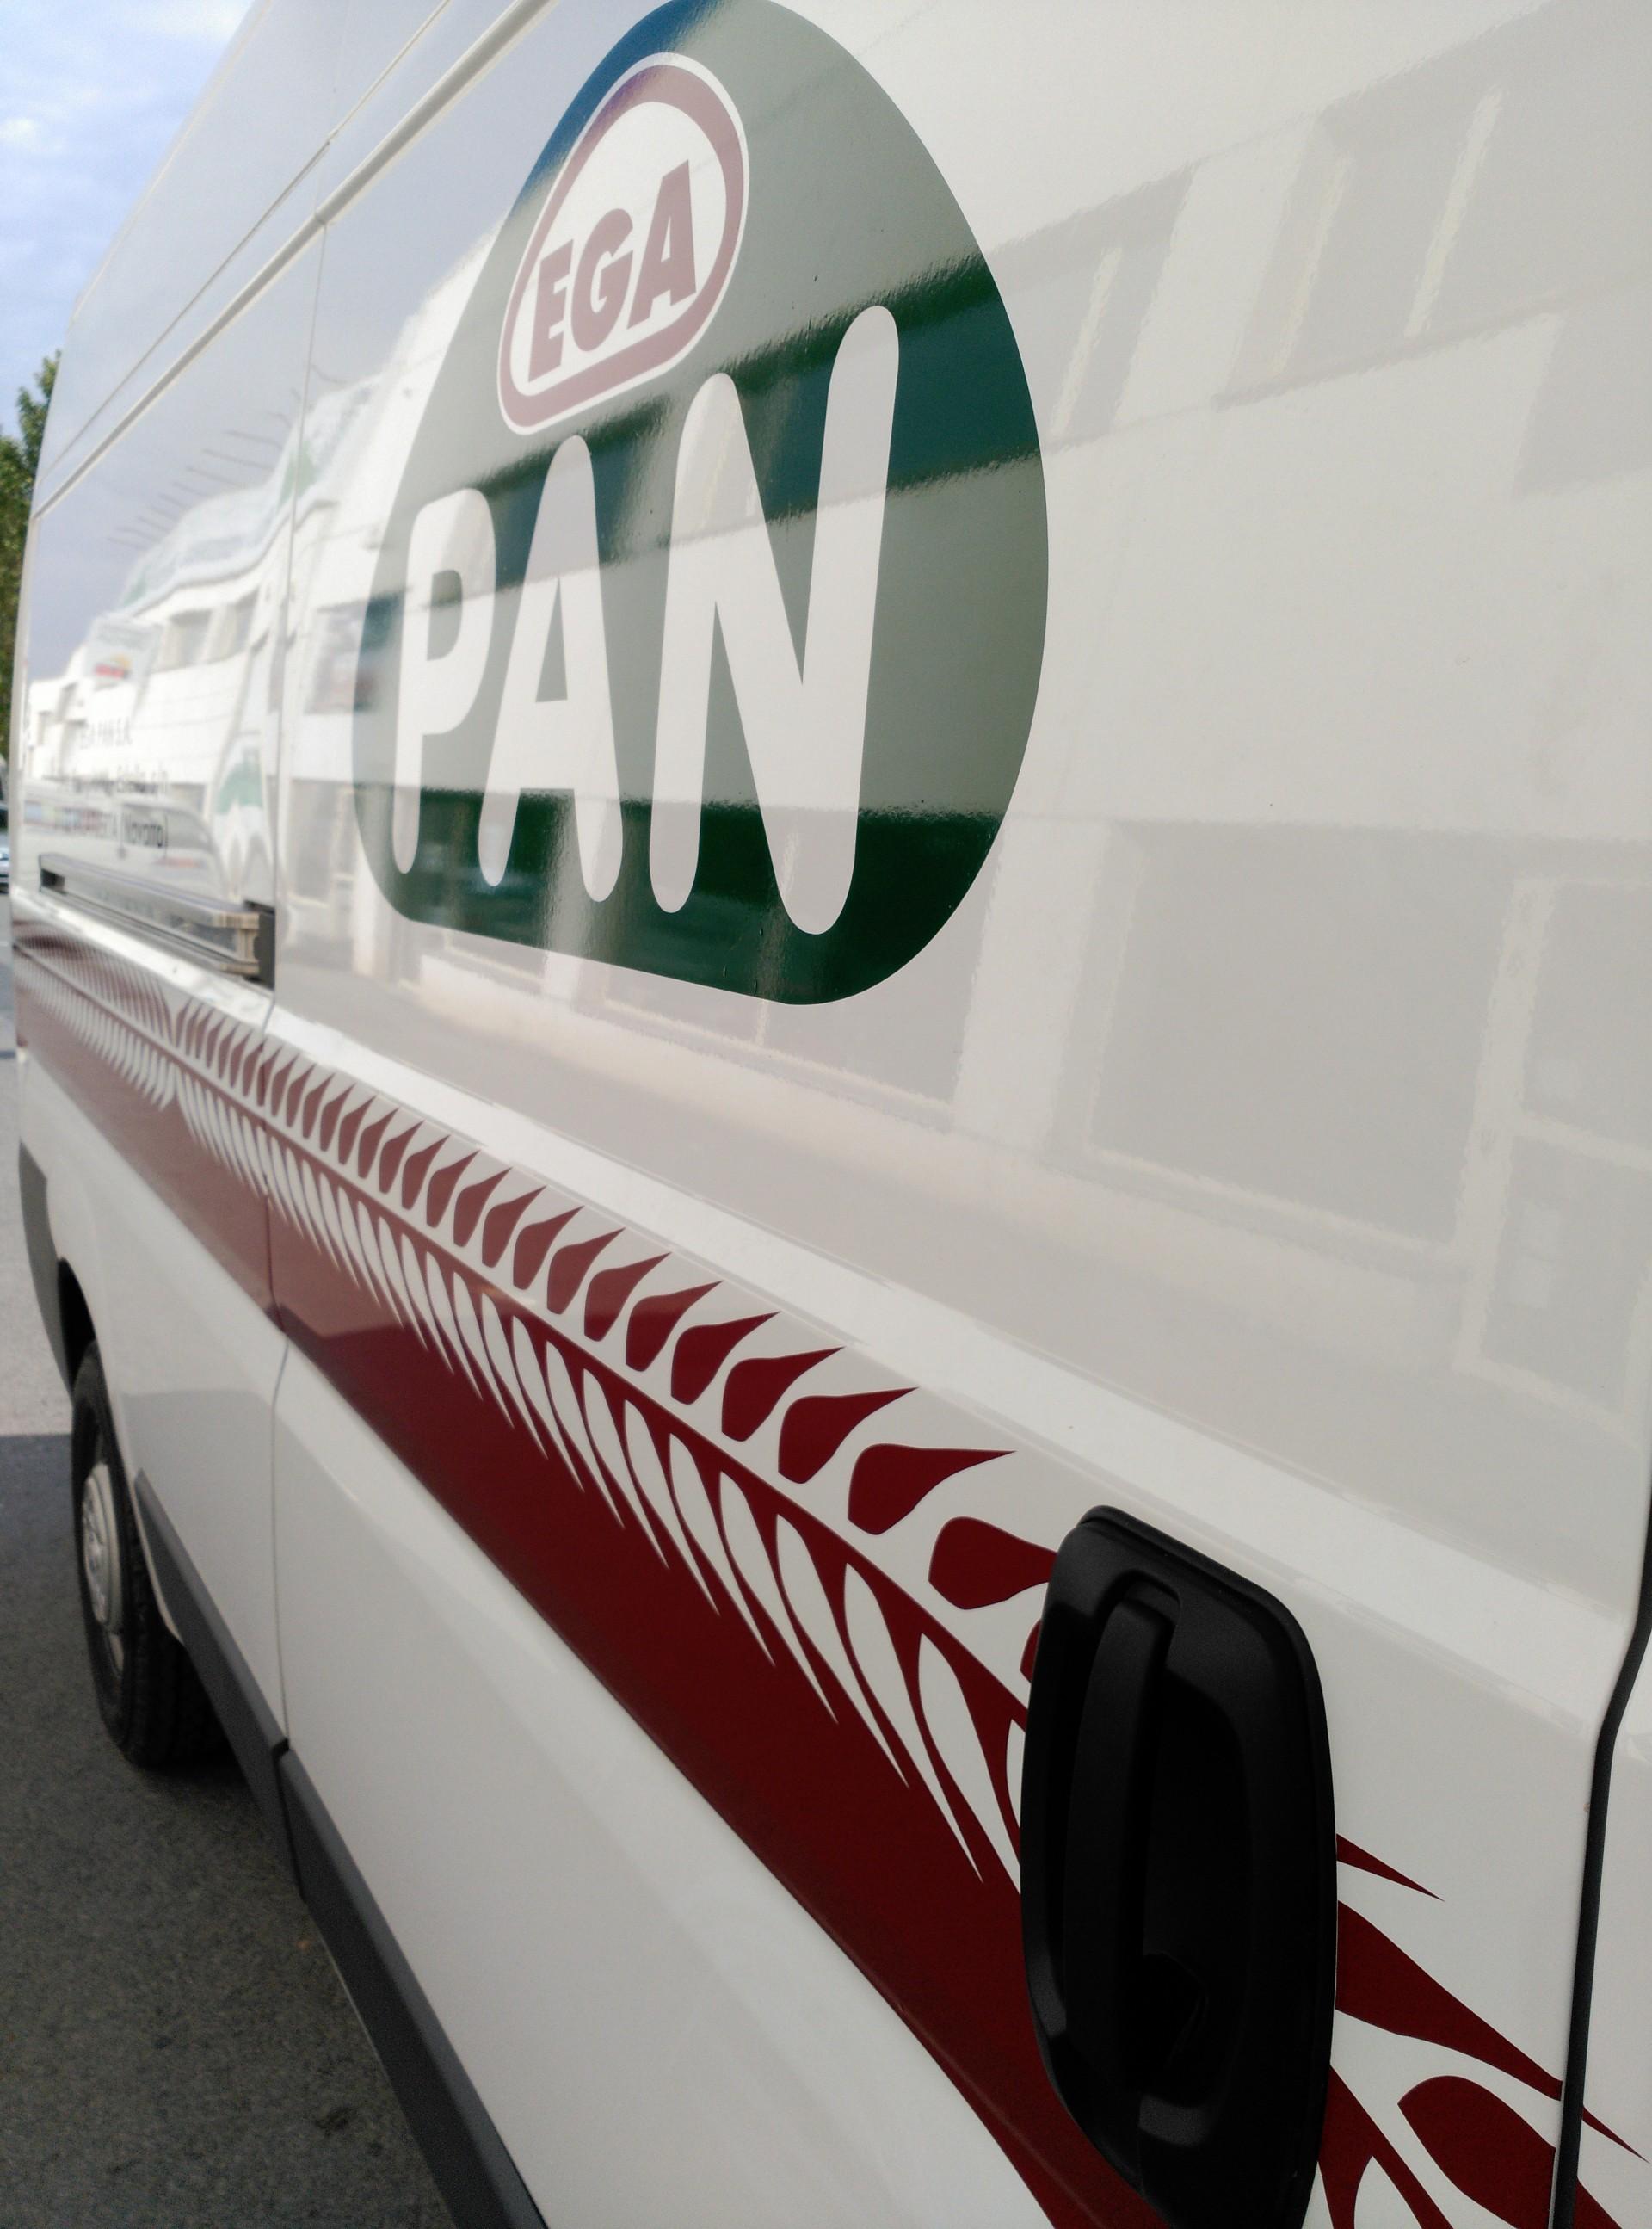 EGA PAN (fabricación de pan y de productos frescos de panadería y pastelería): rotulación de vehículo